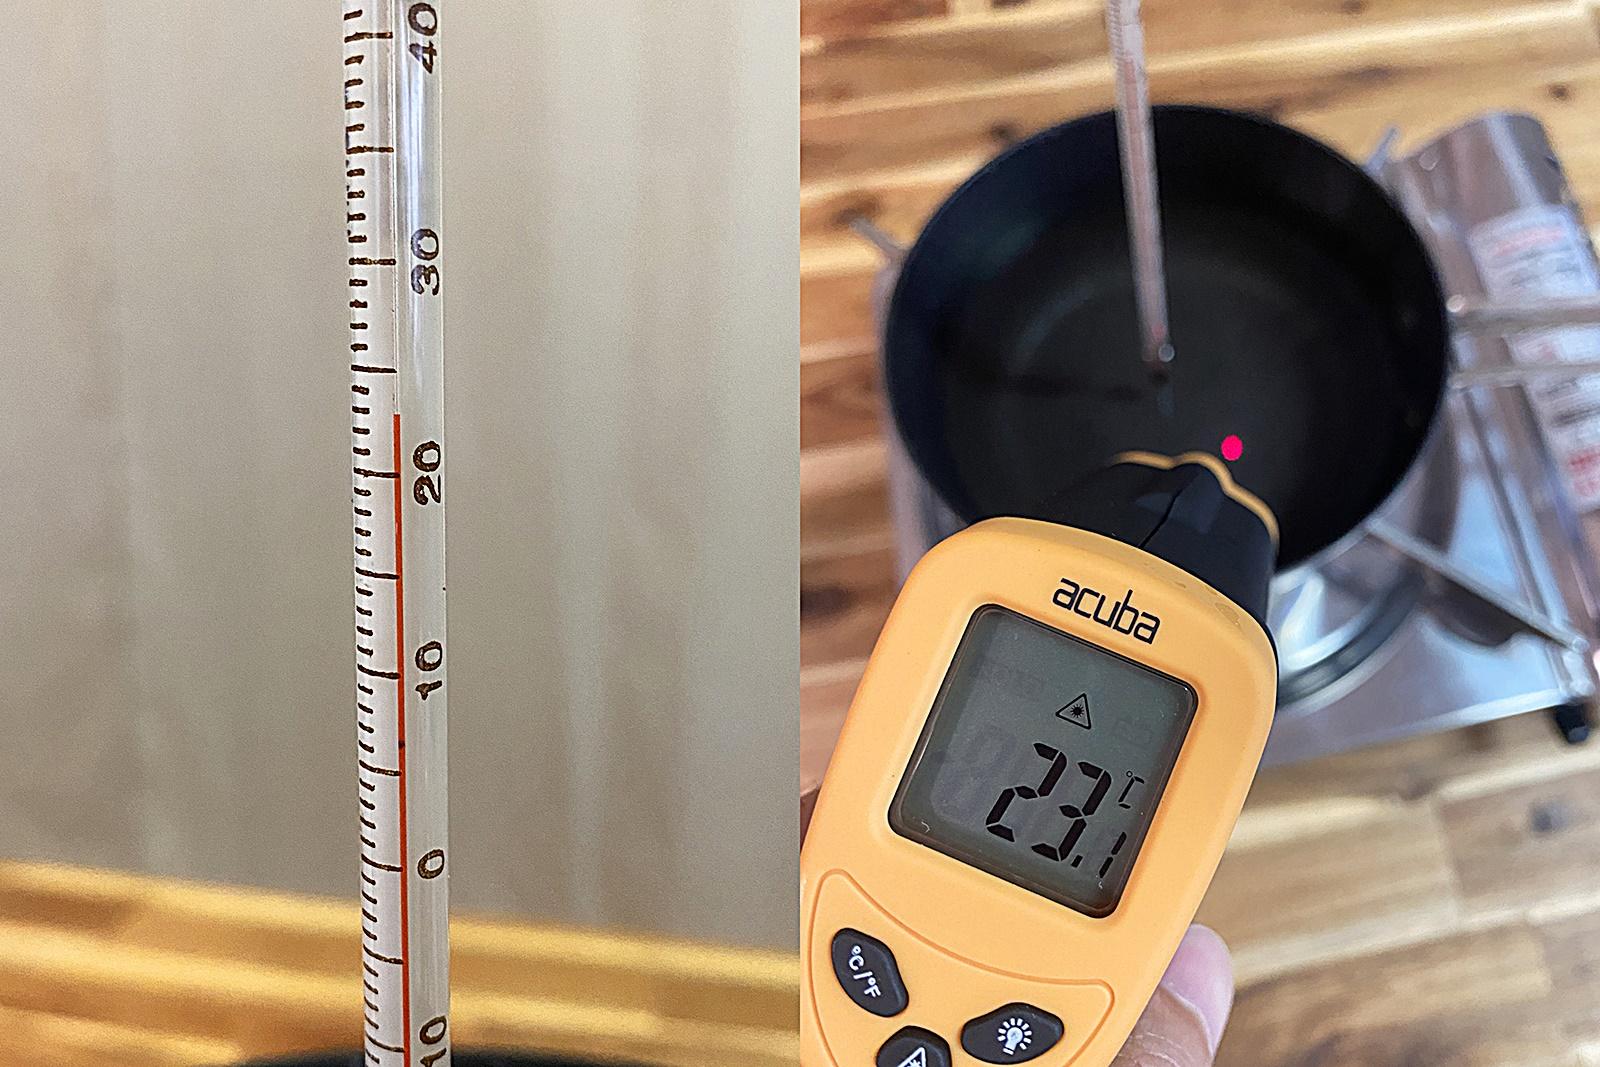 검은색 코팅 냄비 물 끓이며 온도계 비교 실험 1